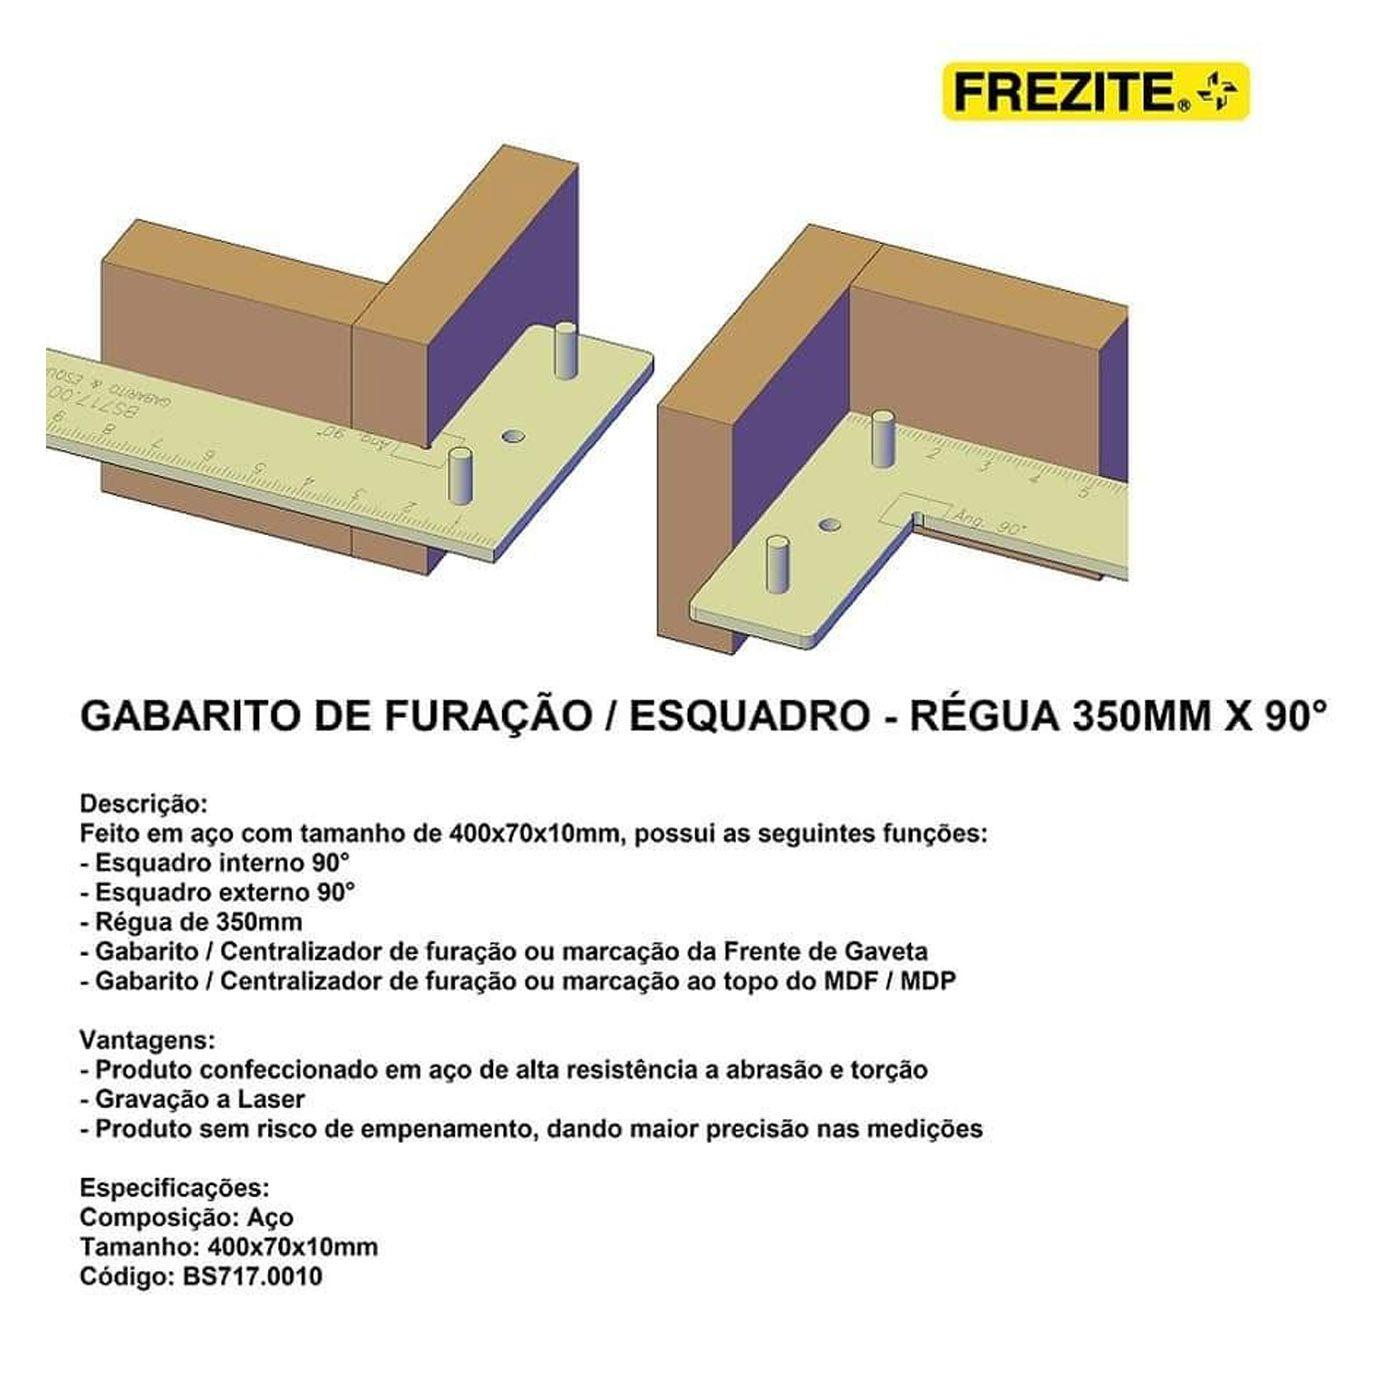 Esquadro Gabarito 350mm Frezite